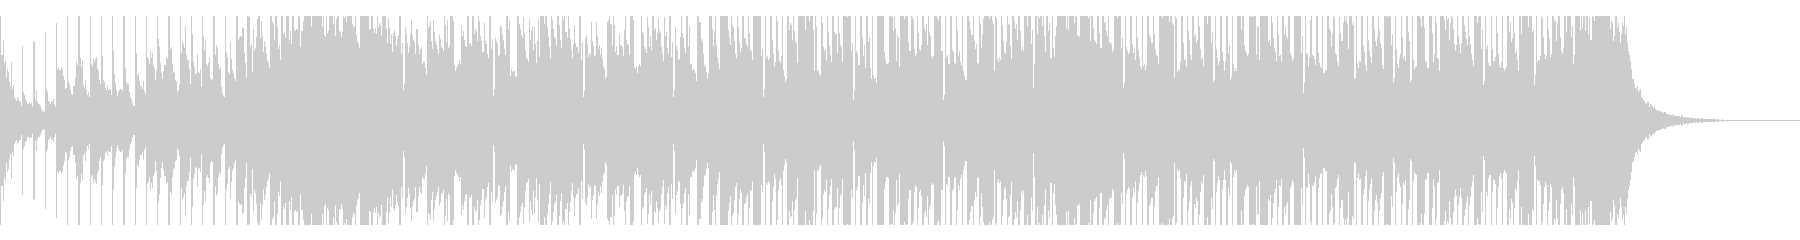 スタイリッシュなエネルギートラップ60秒の未再生の波形